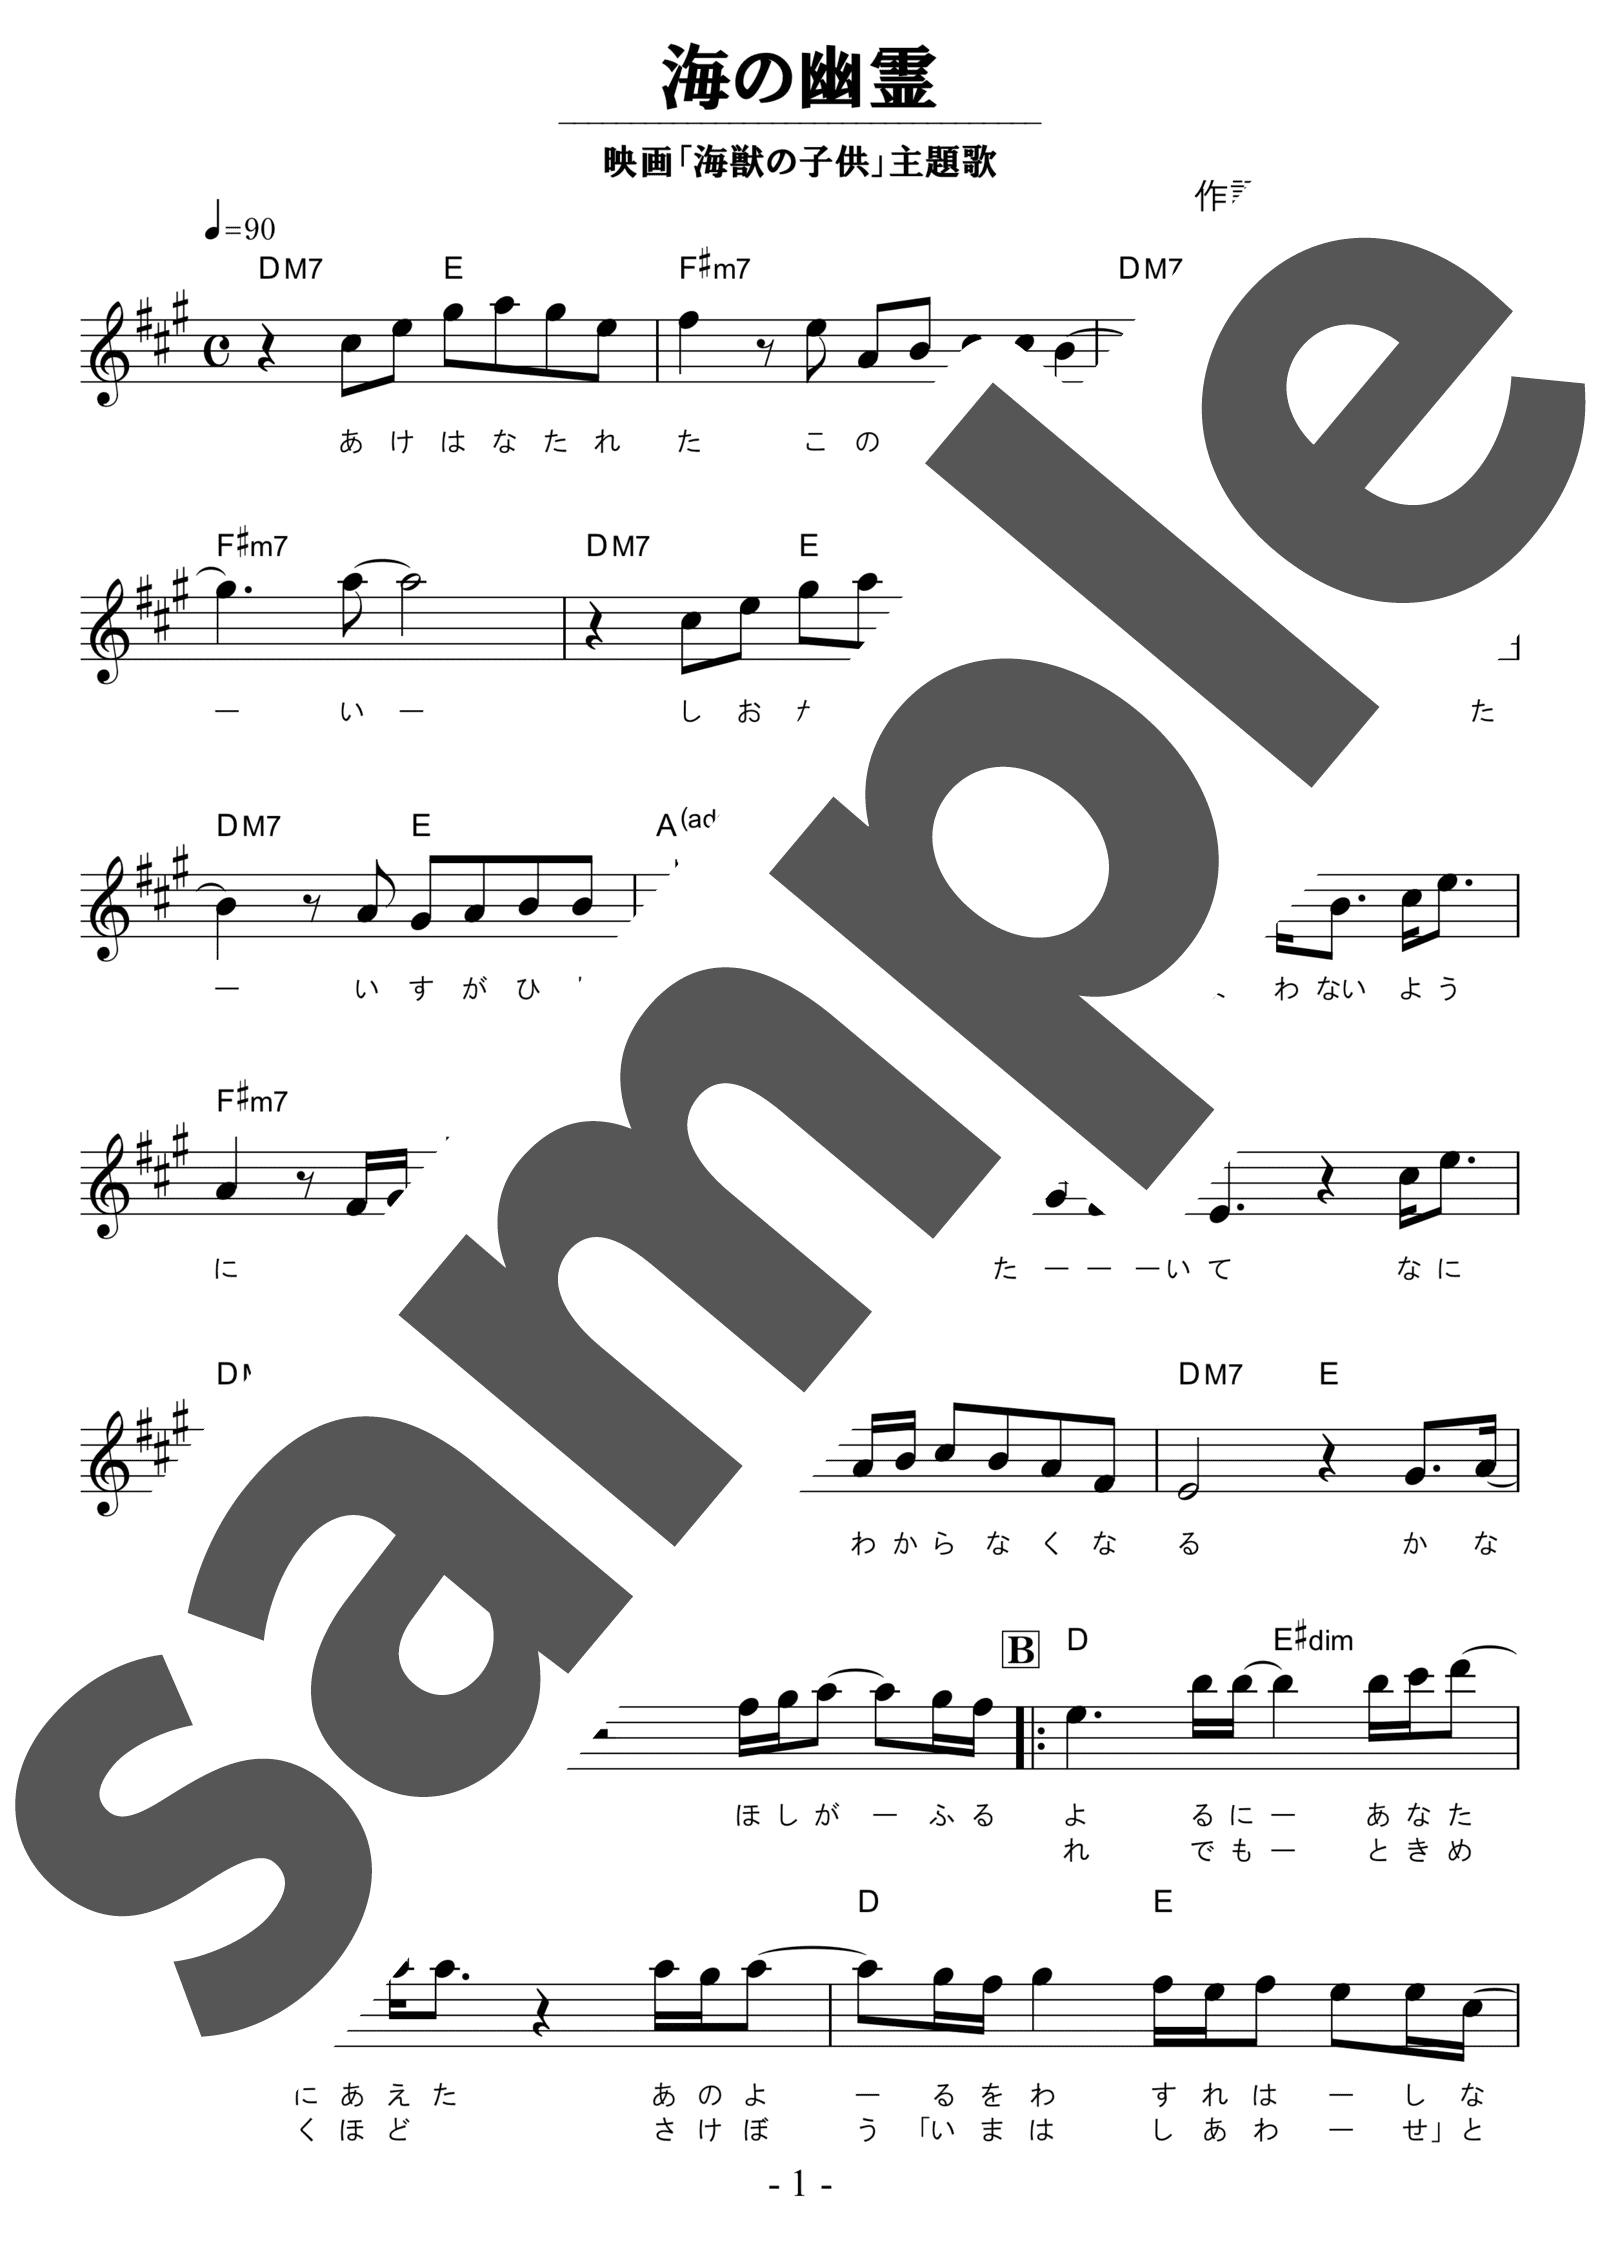 「海の幽霊」のサンプル楽譜